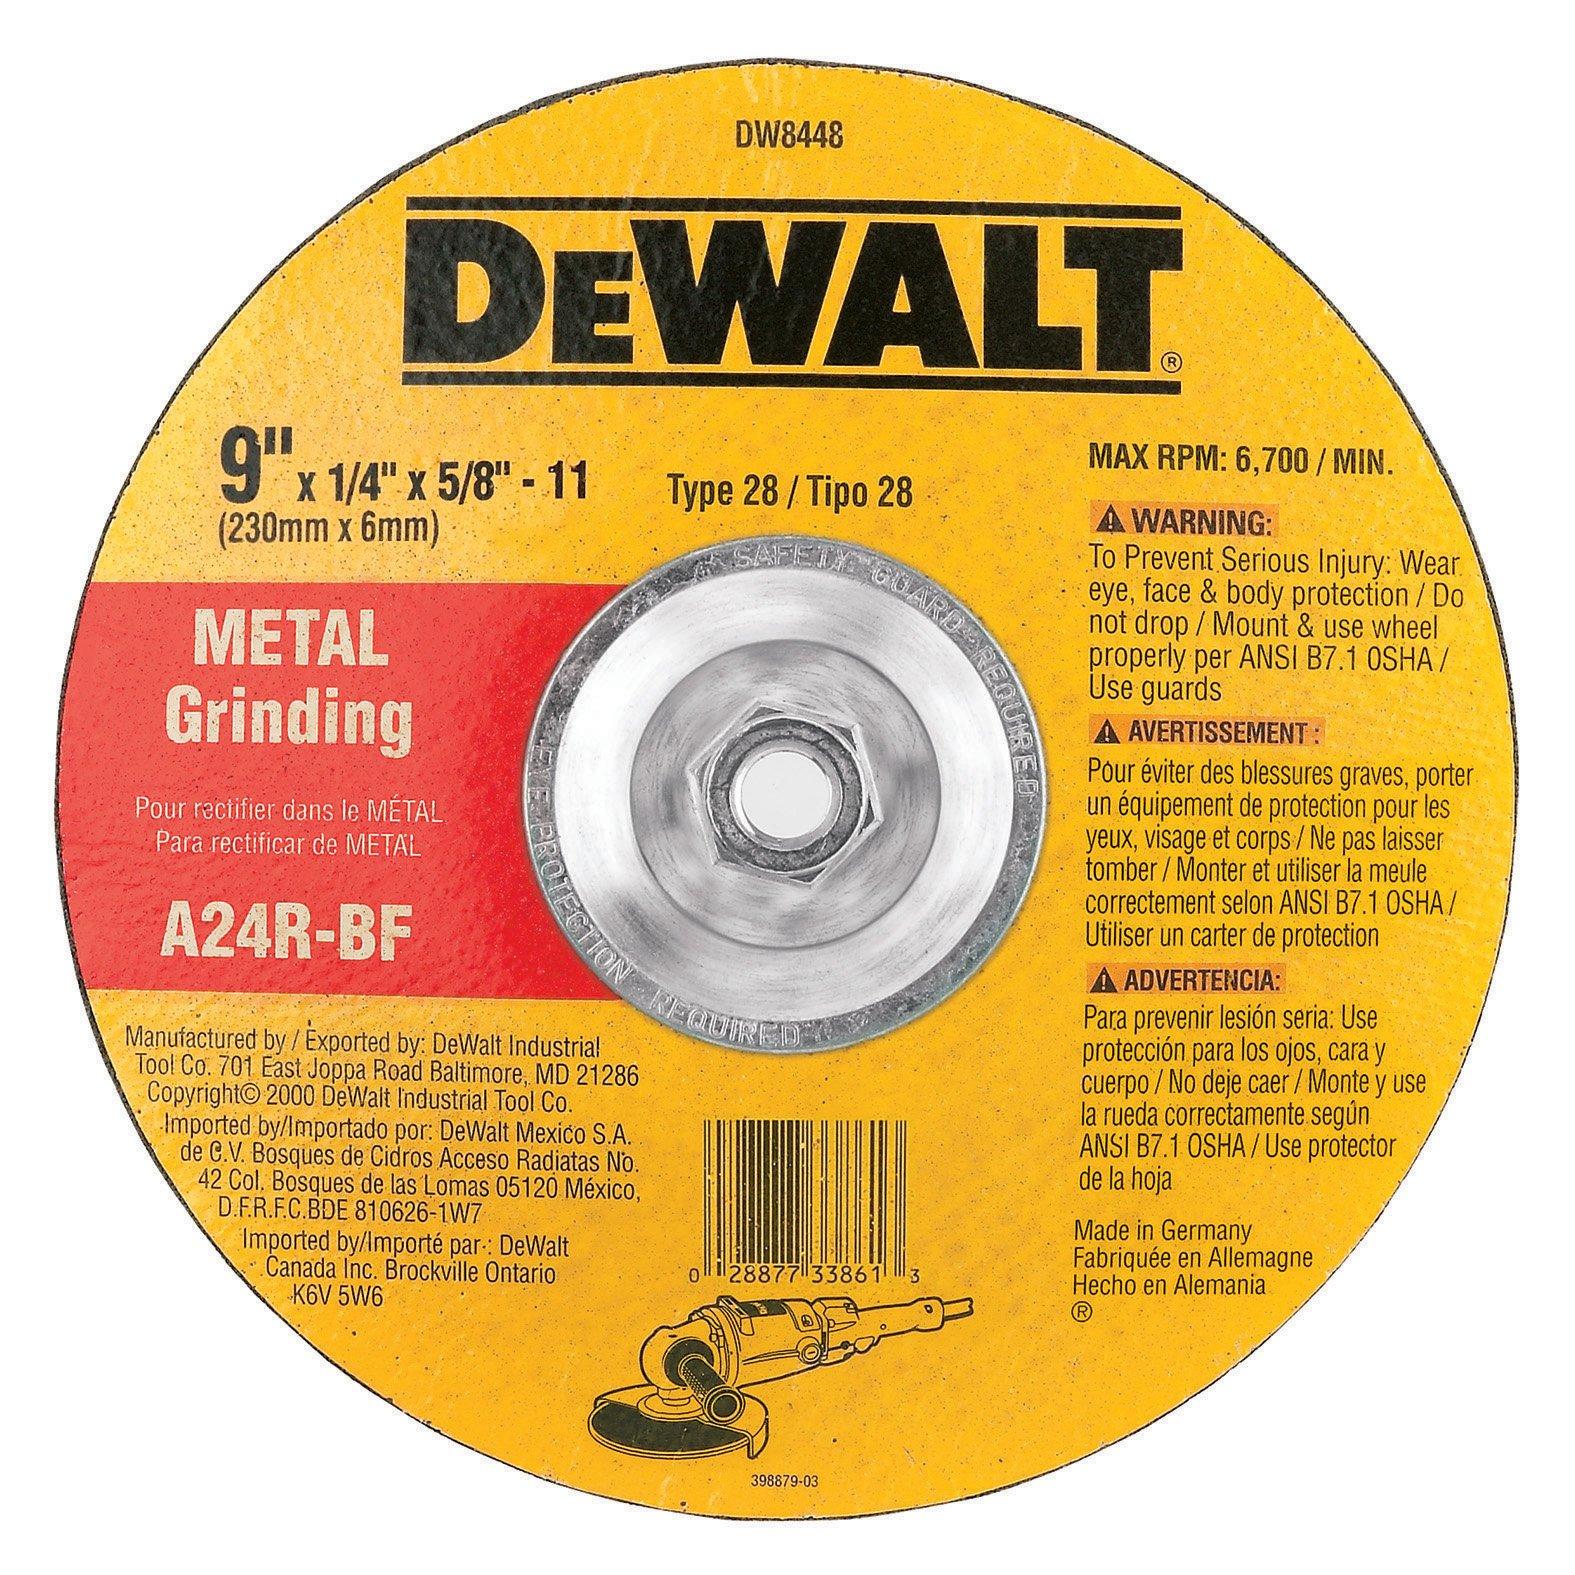 DEWALT DW8448 9-Inch by 1/4-Inch by 5/8-Inch-11 T28 Metal Grinding